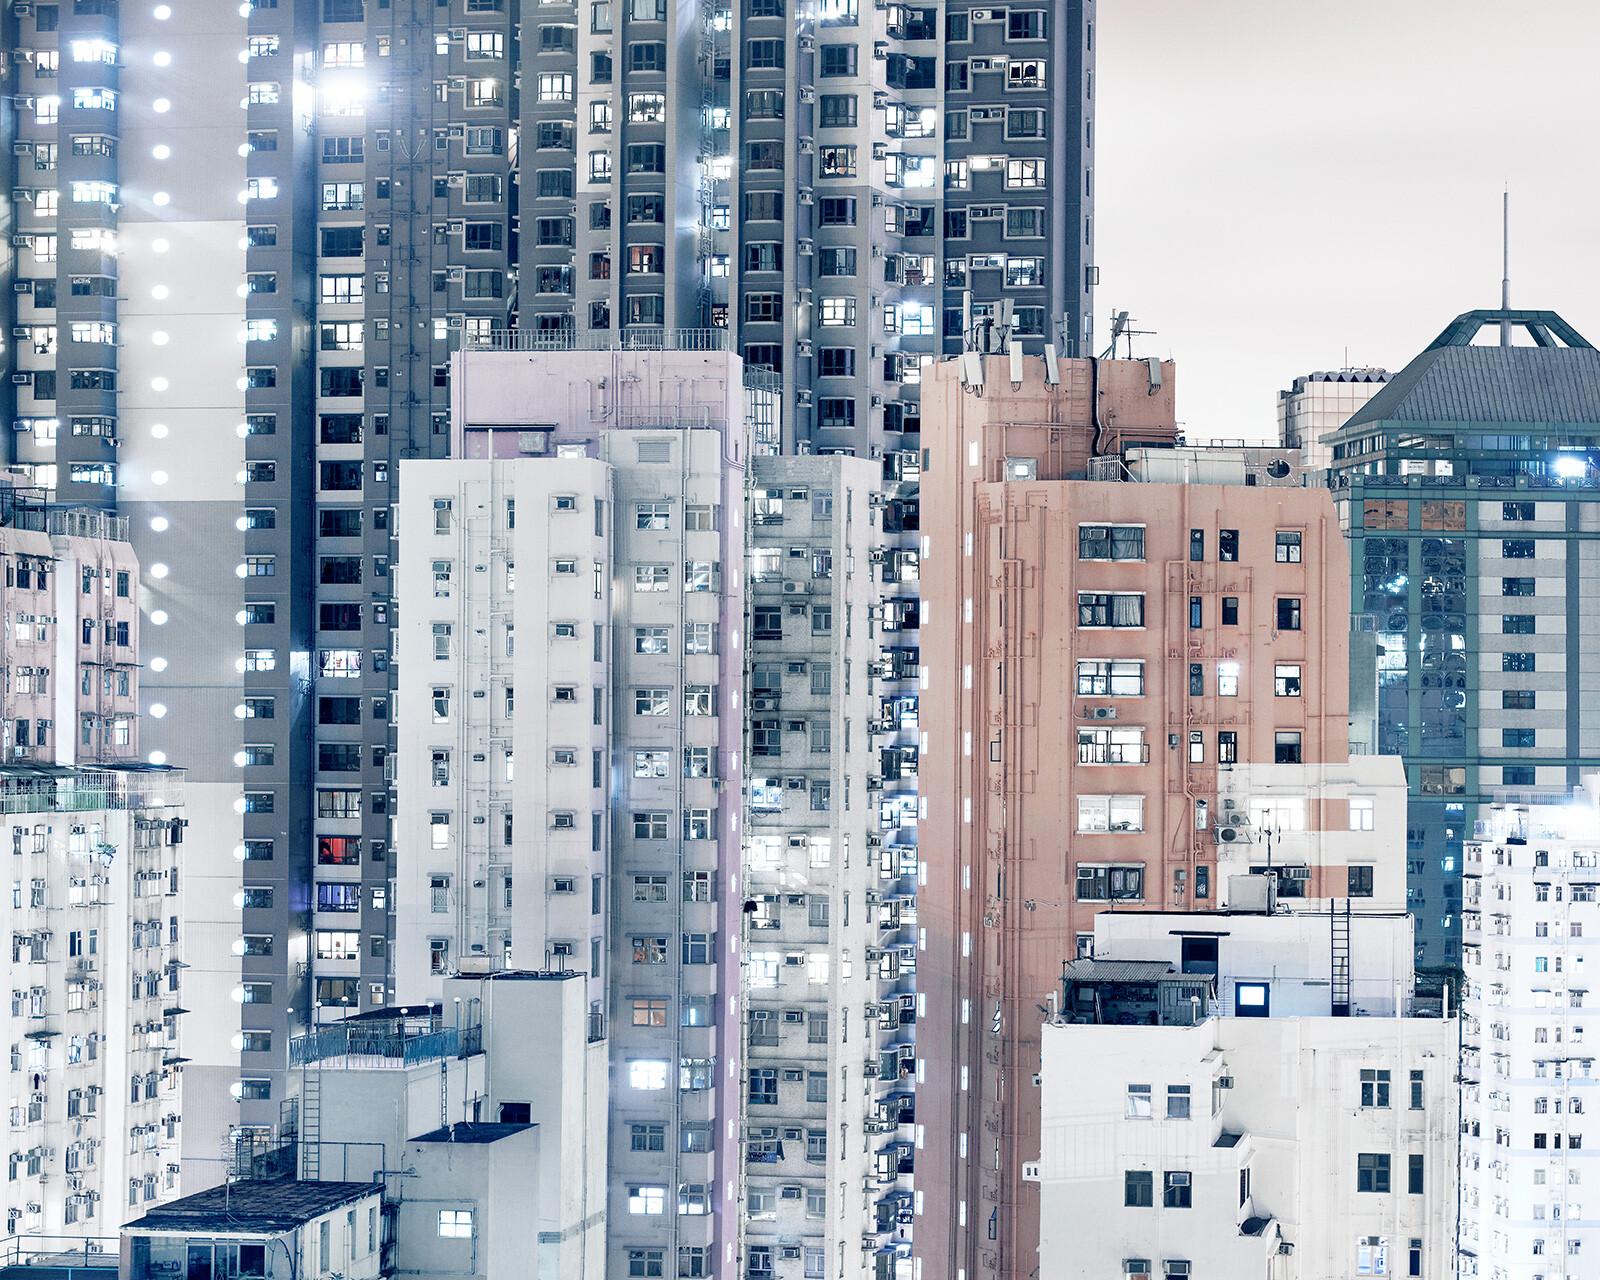 Urban landscape IV - Bence Bakonyi